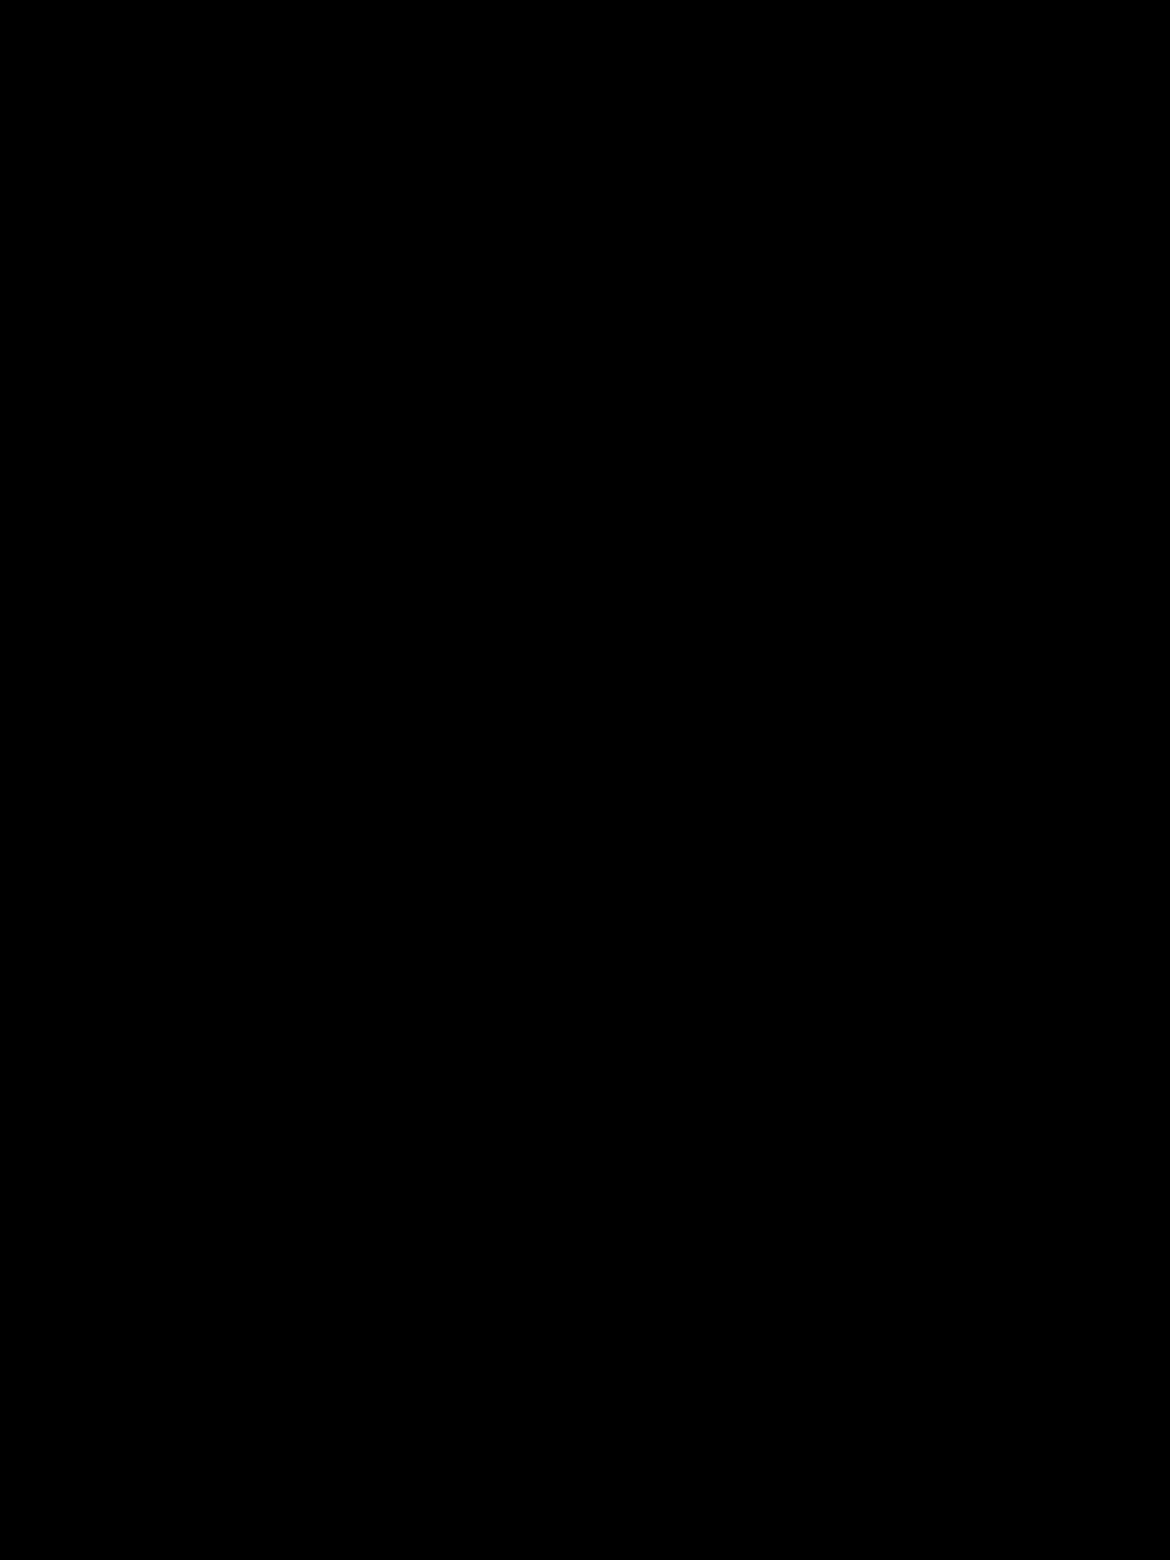 Una settimana in Giappone - Il mio itinerario by Laura Comolli - Eddy's Ice Cream, Harajuku, Tokyo